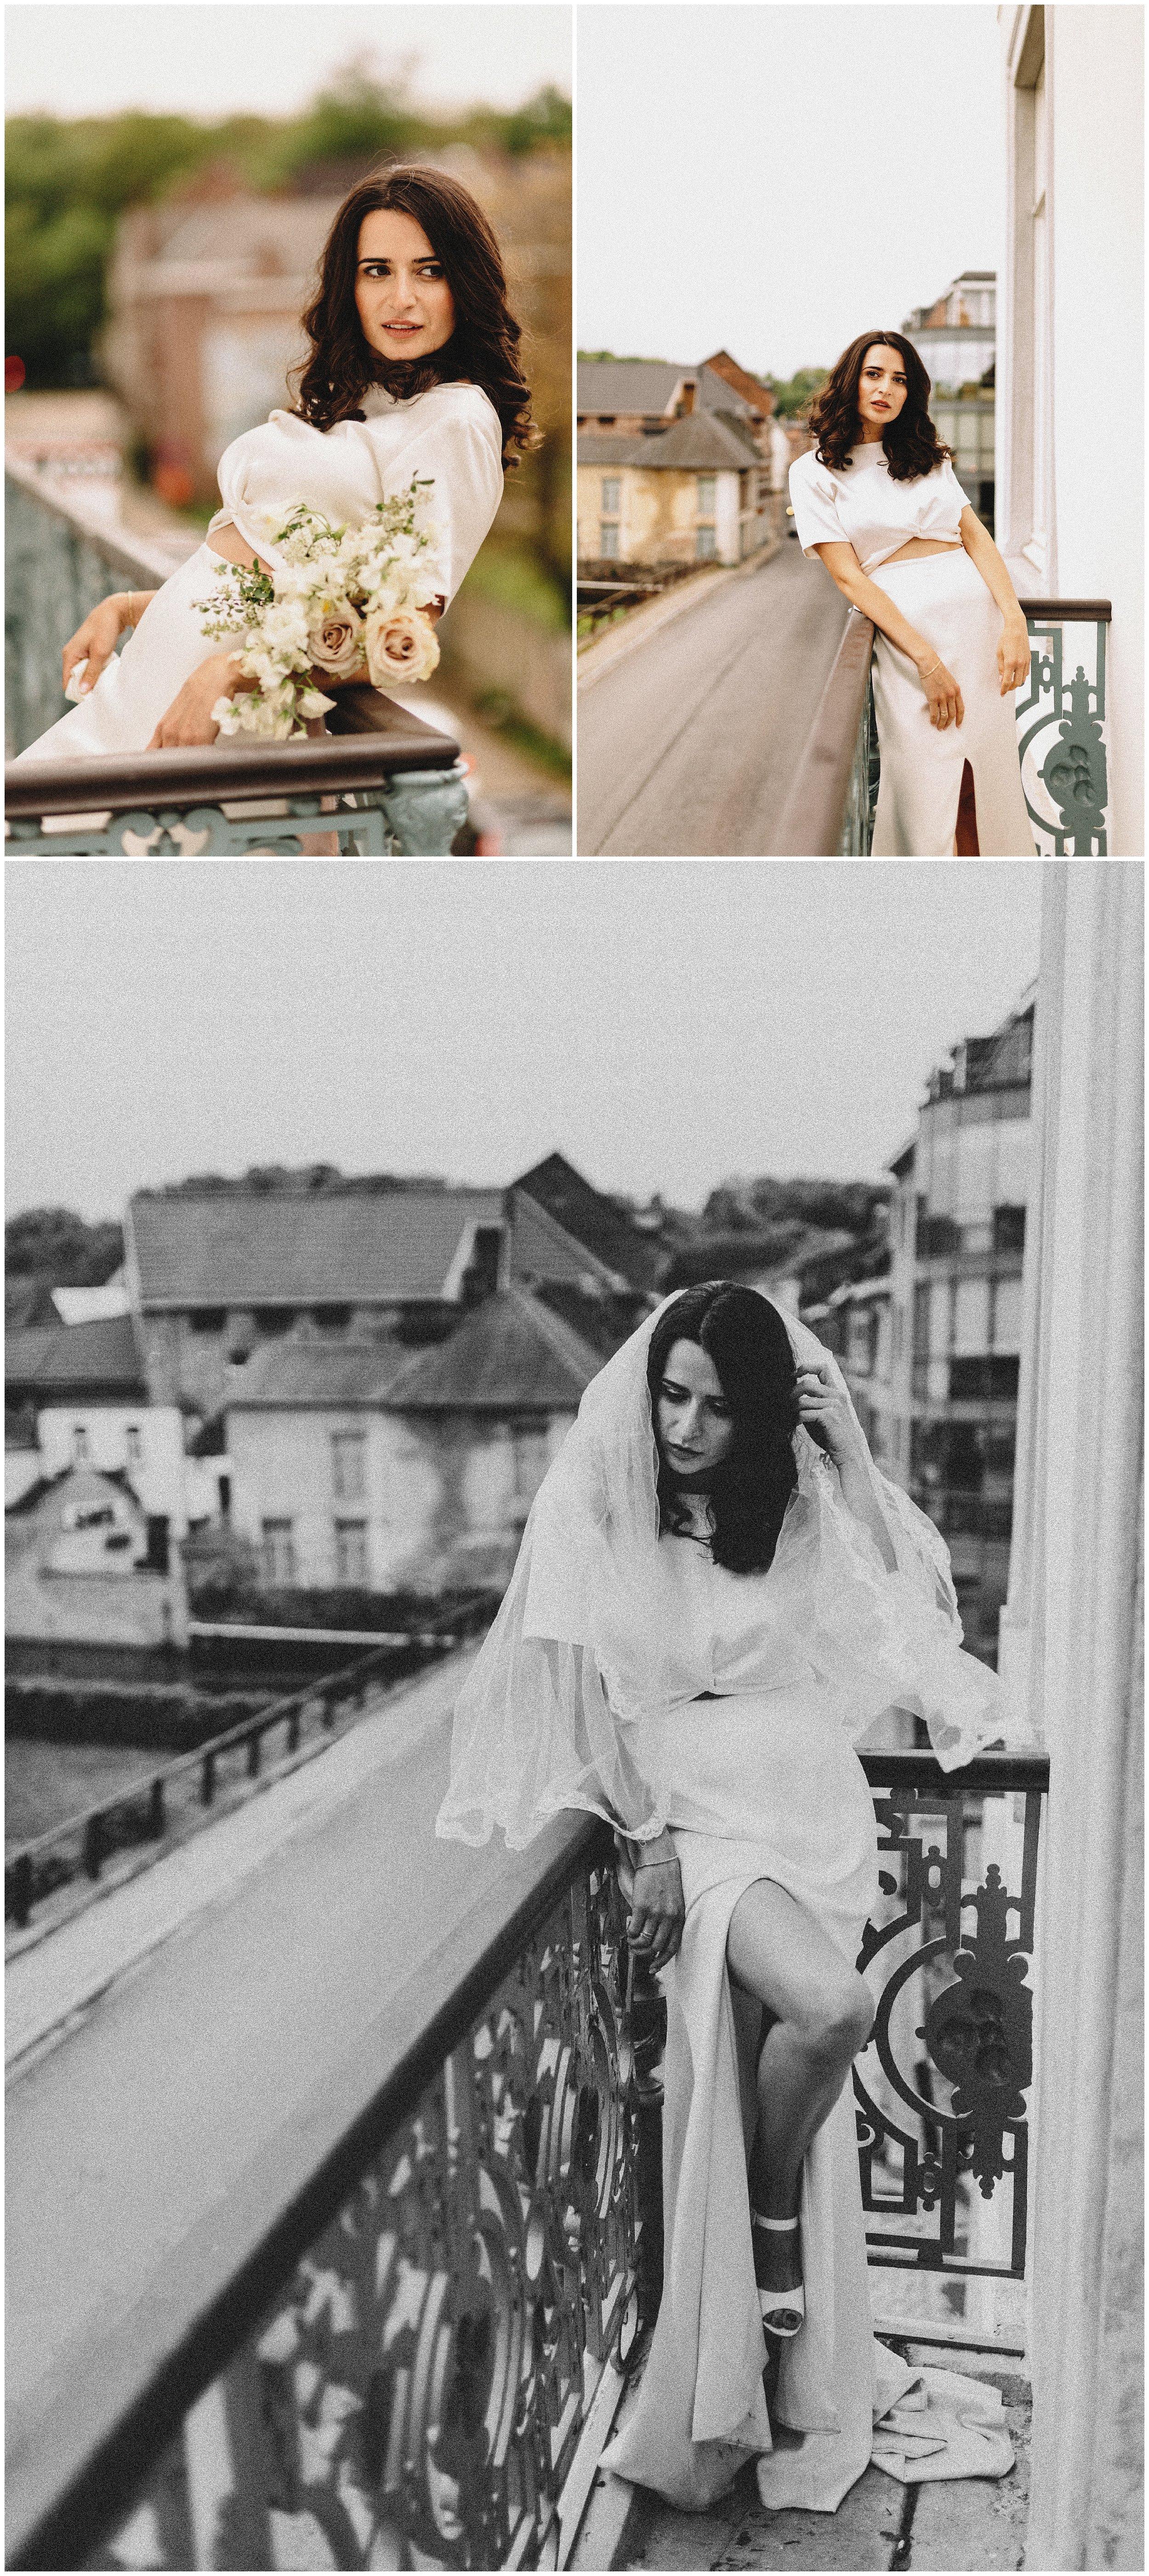 huwelijksfotografie-huwelijk-kempen-kust-lisa-helsen-photography_0010.jpg